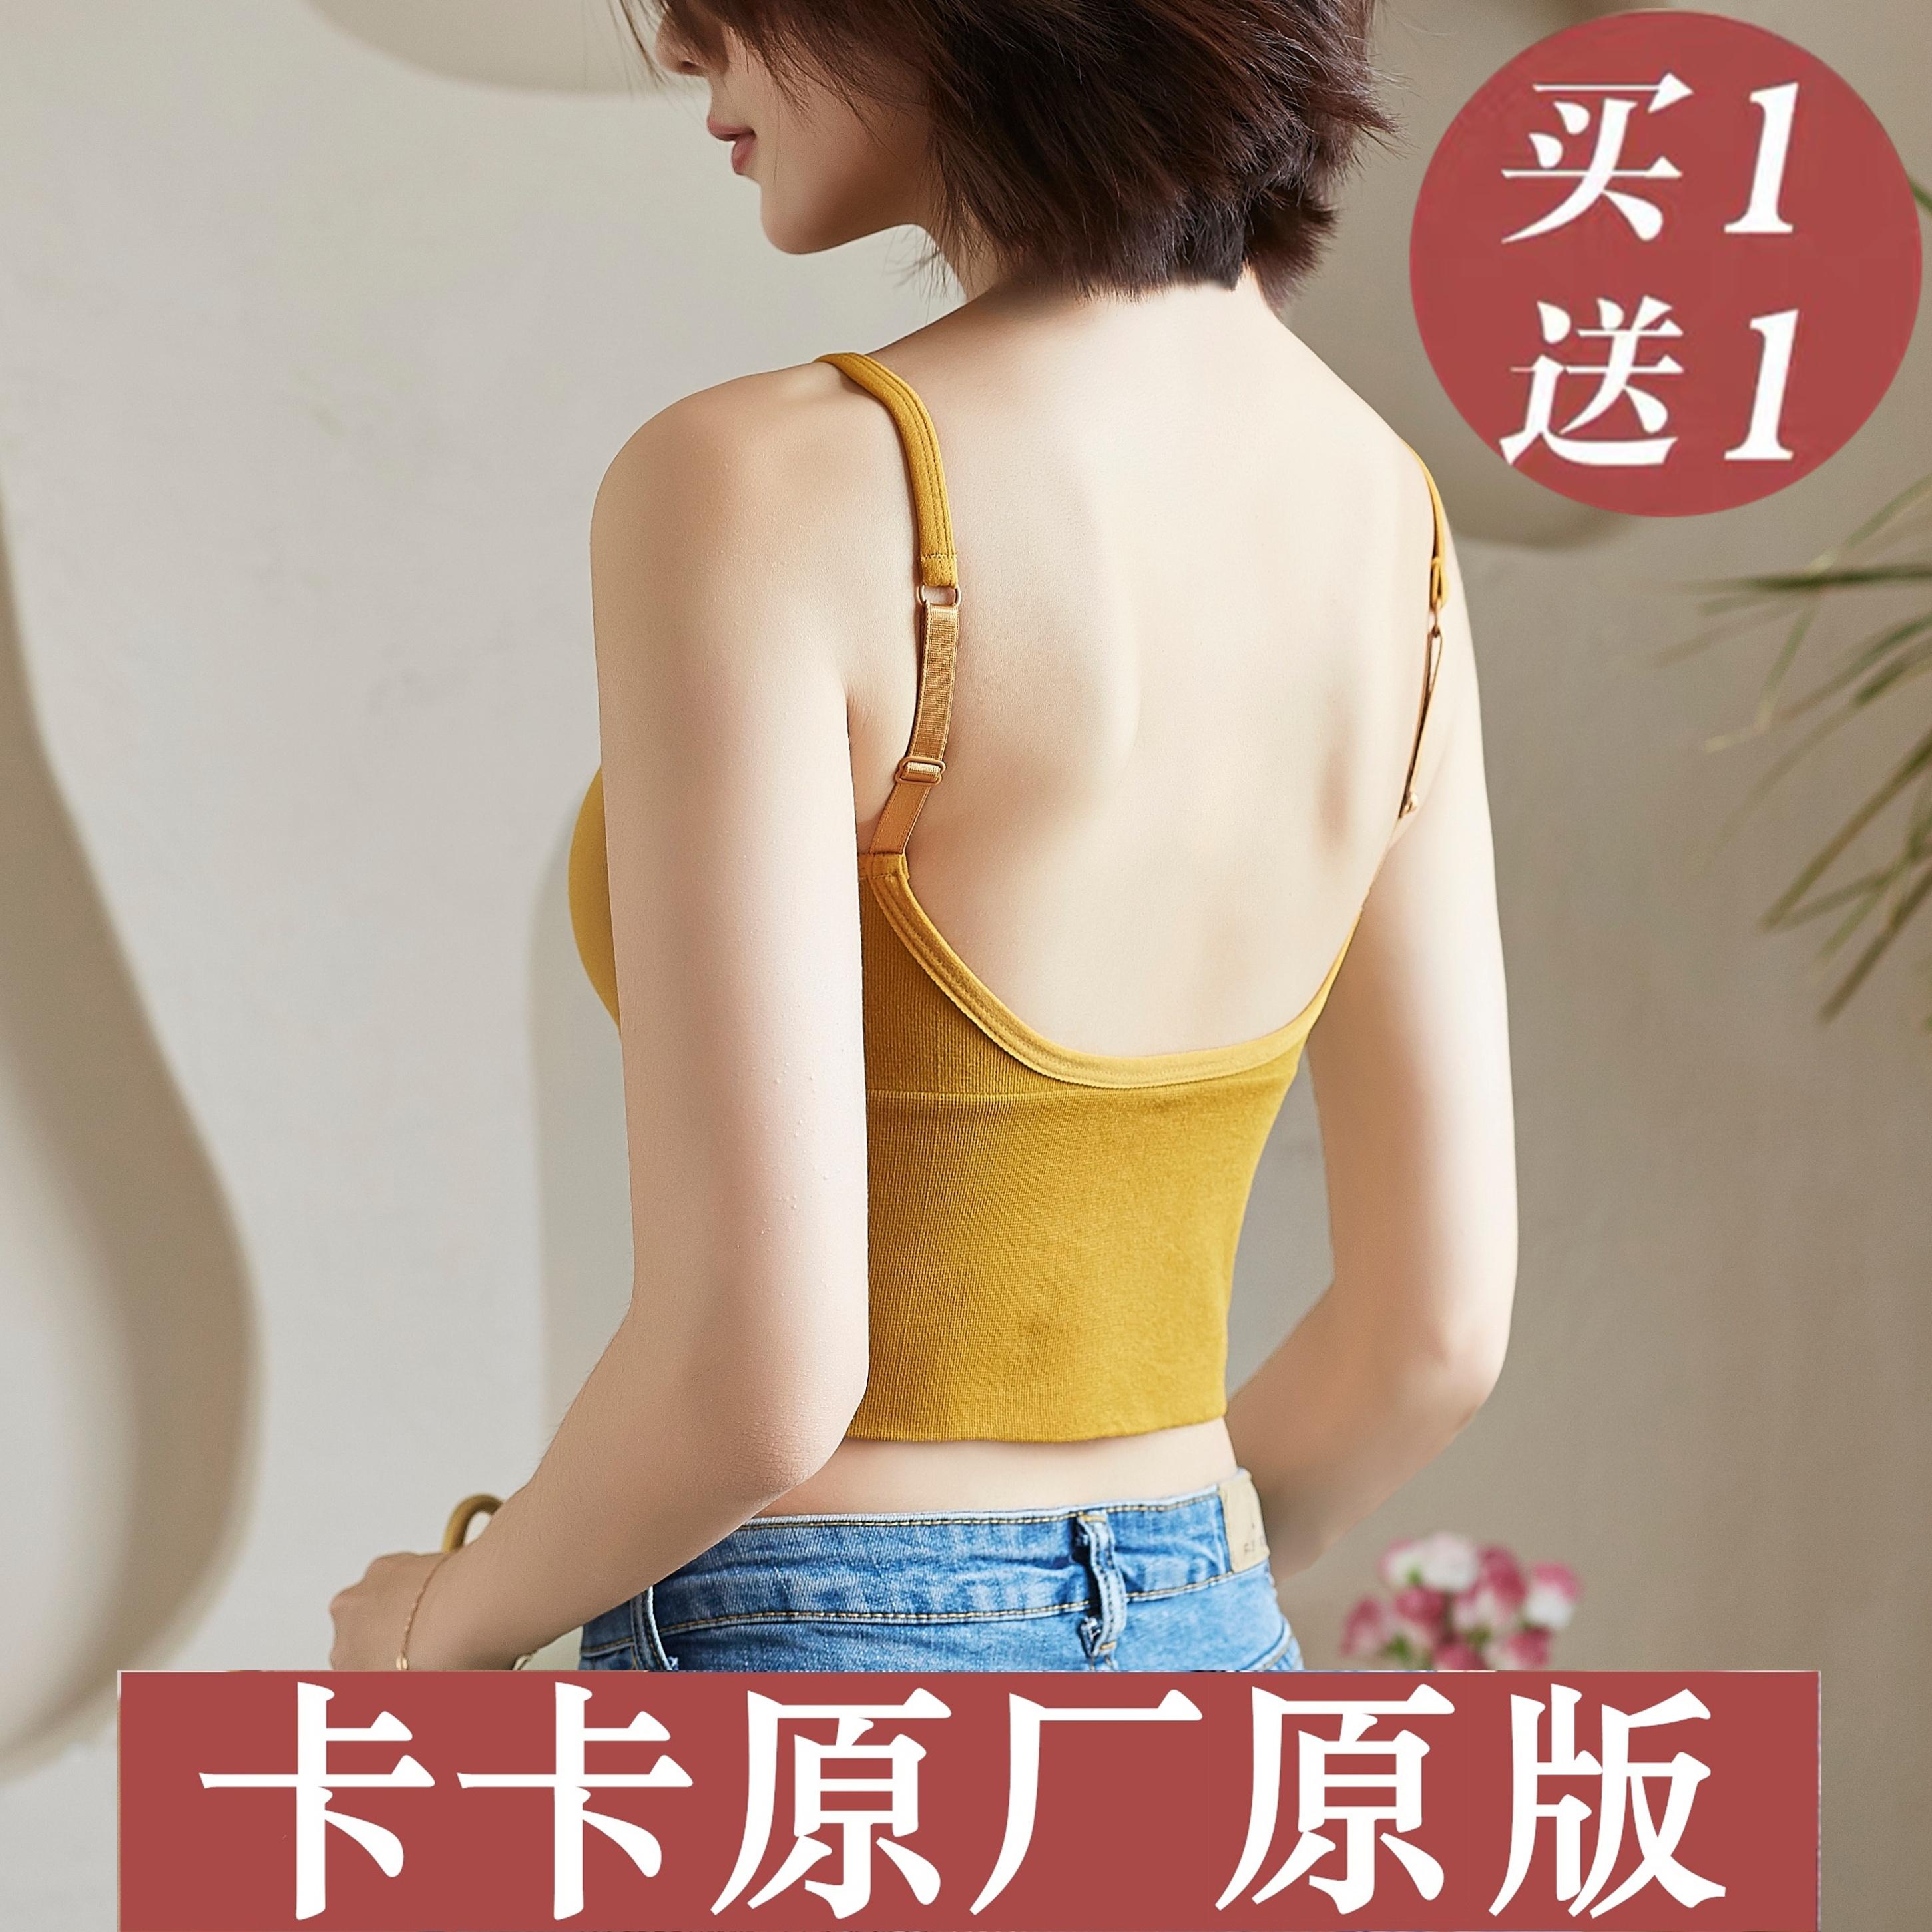 卡卡正版女装同款网红爆款美背文胸内衣U型吊带背心式女抹胸内搭